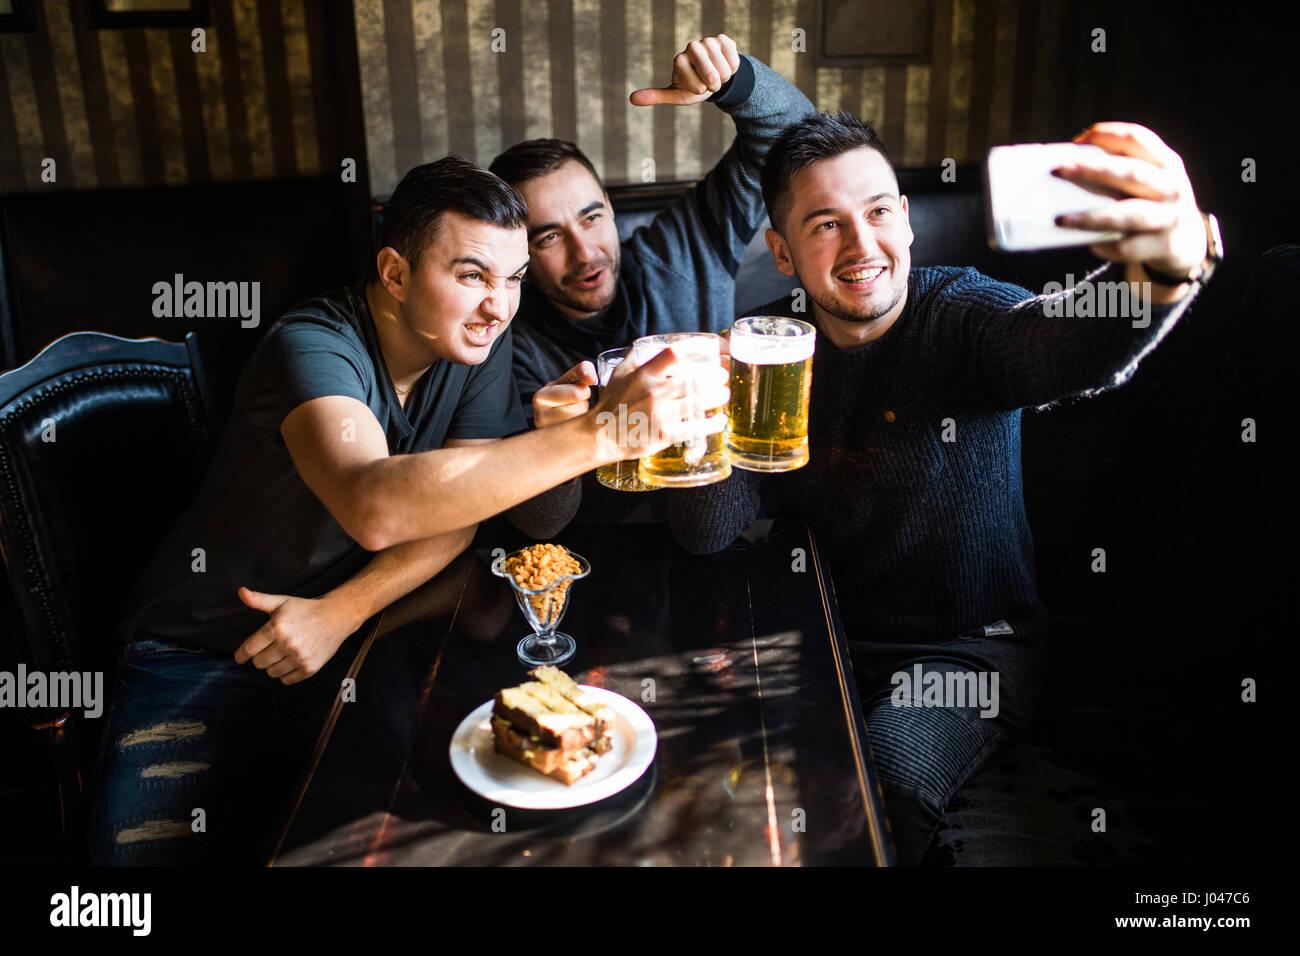 Les gens, les loisirs, l'amitié, de la technologie et de l'homme heureux - concept parti prenant d'amis et boire Banque D'Images